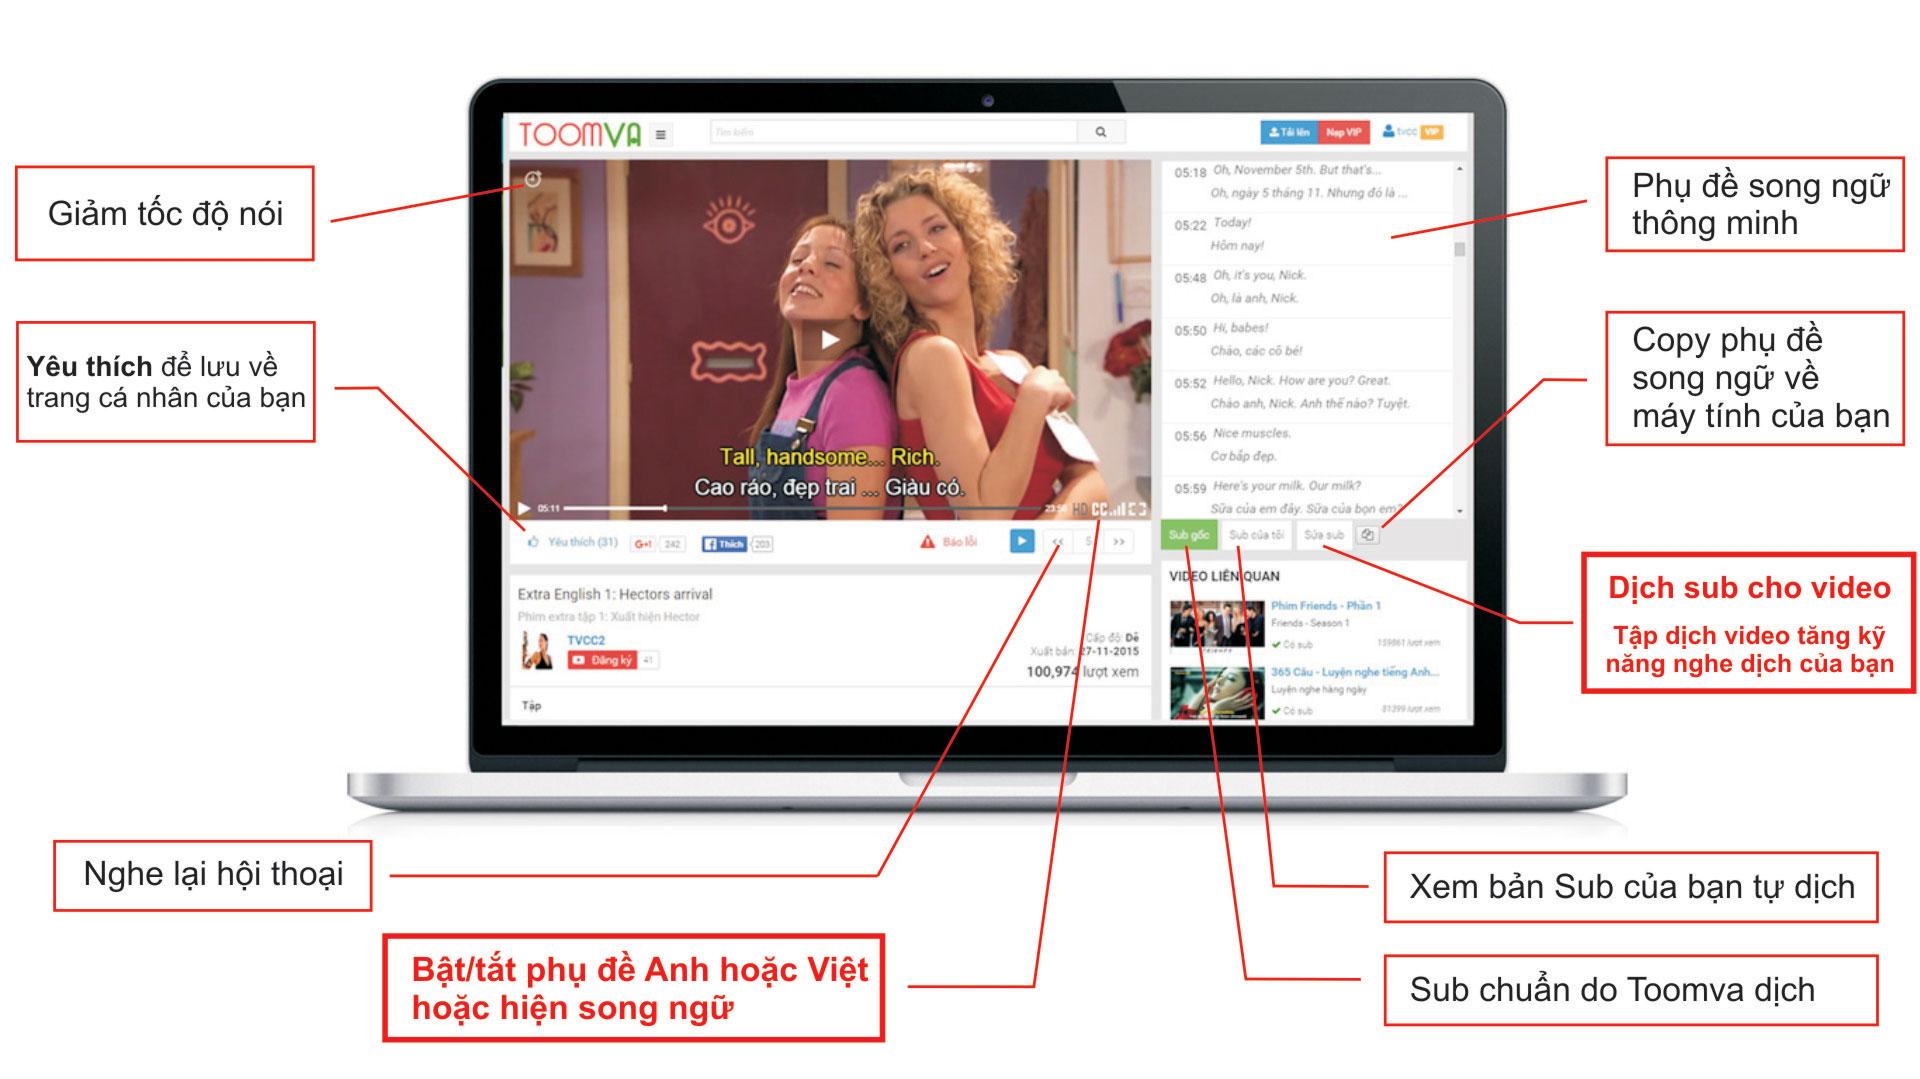 Hướng dẫn cách xem video học tiếng Anh trên Toomva